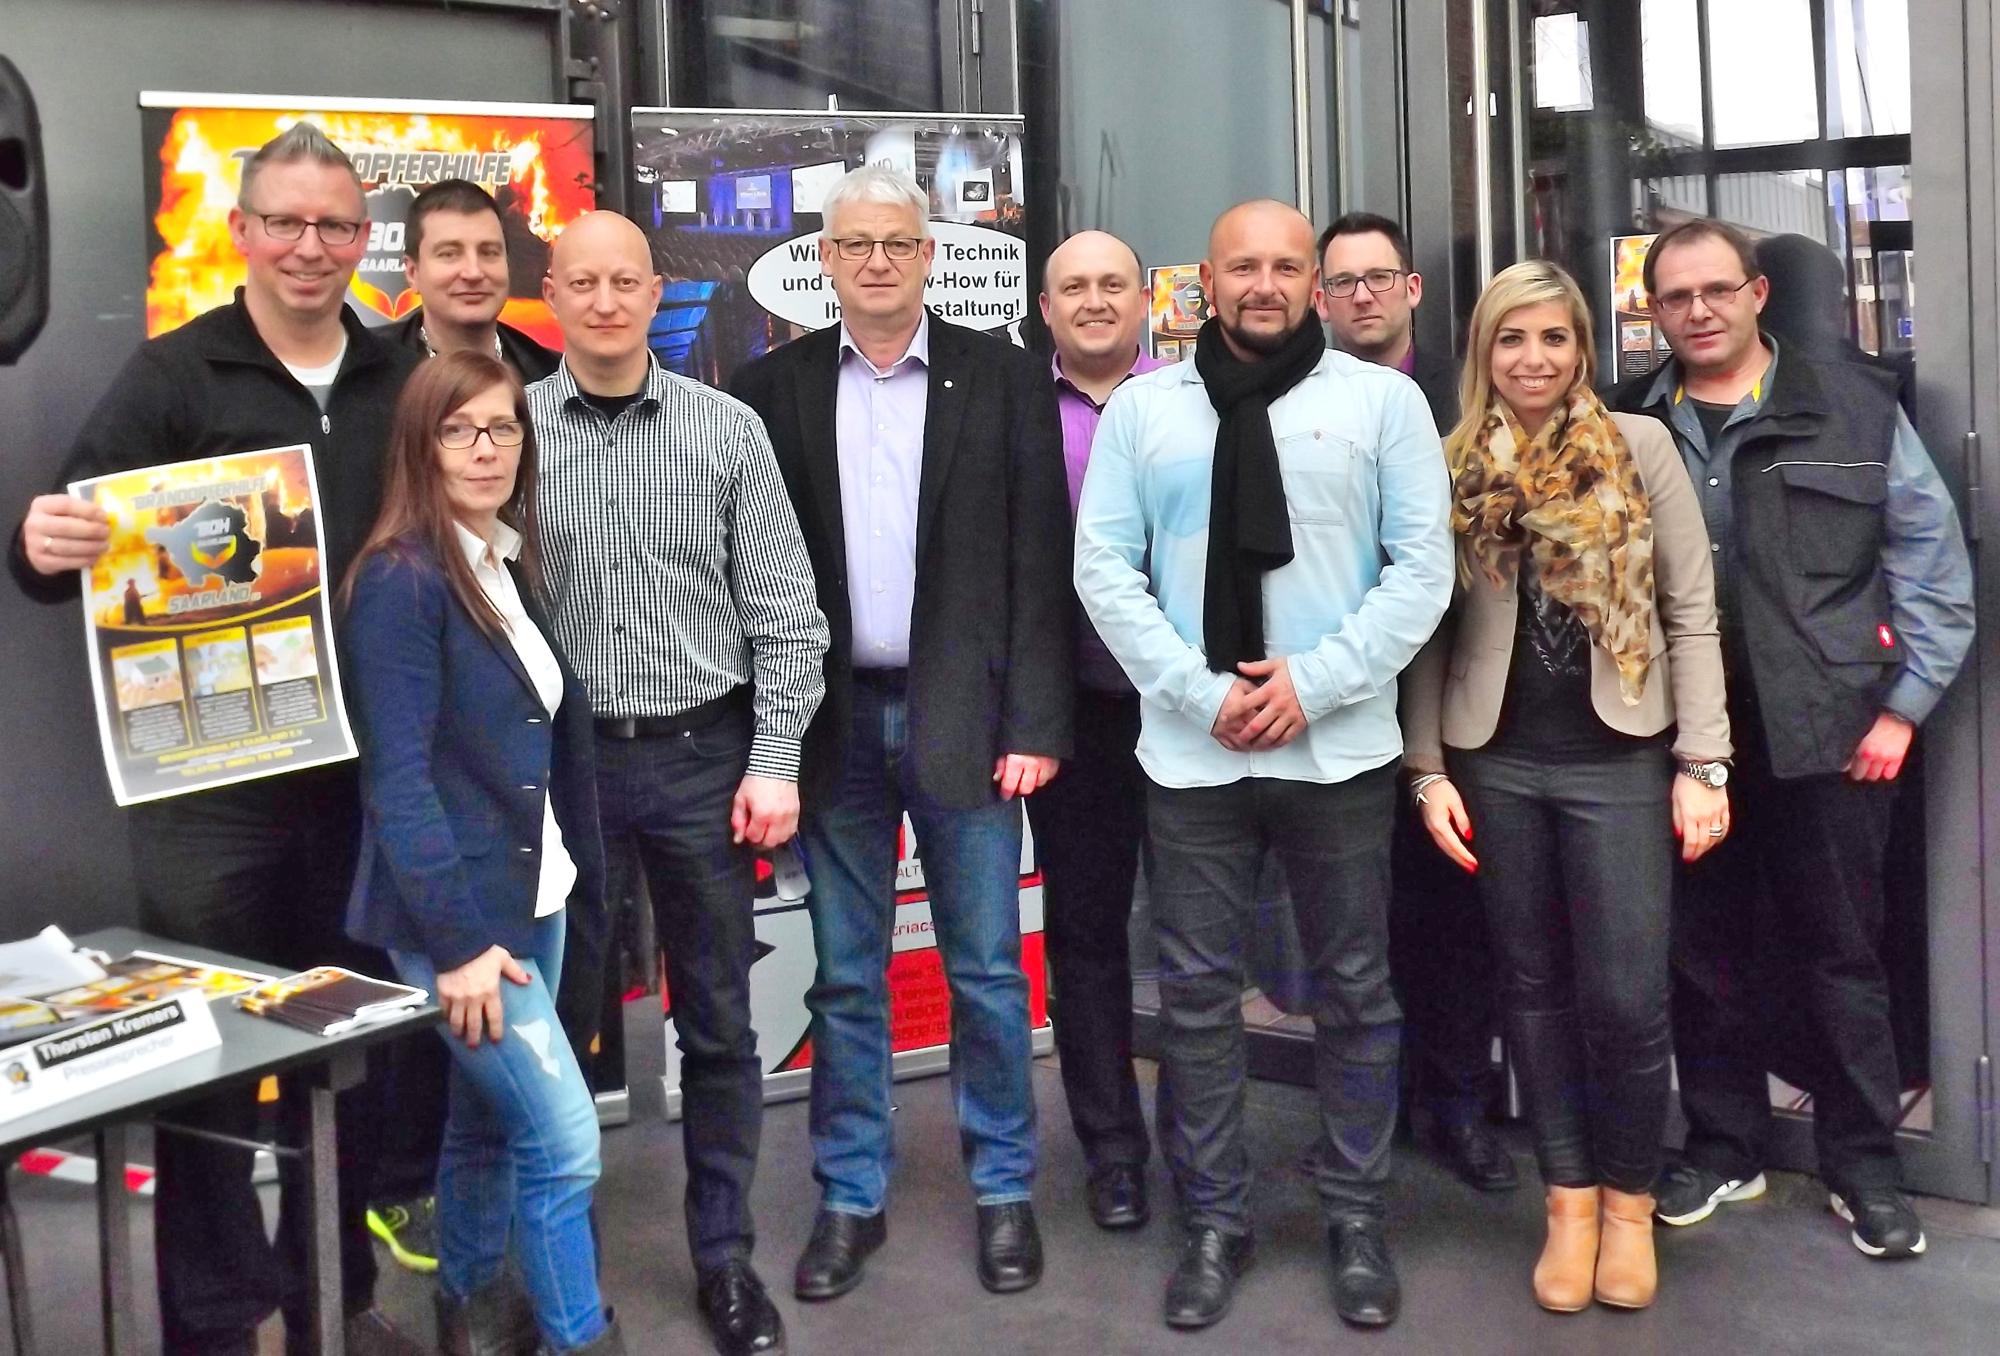 v.l.: Thorsten Kremers (Pressesprecher), Monika Redenbach (1. Schatzmeister), Michael Leidinger (2. Schatzmeister), Enrico Voß (Öffentlichkeitsarbeit), Peter Demmer (Ehrenmitglied), Alexander Raphael (2. Vorsitzender), Holger Staab (1. Vorsitzender), Konrad Bauer (Gründungsmitglied), Sabrina Konz (Gründungsmitglied), Frank Carretta (Gründungsmitglied) [Foto: Verein Brandopferhilfe]